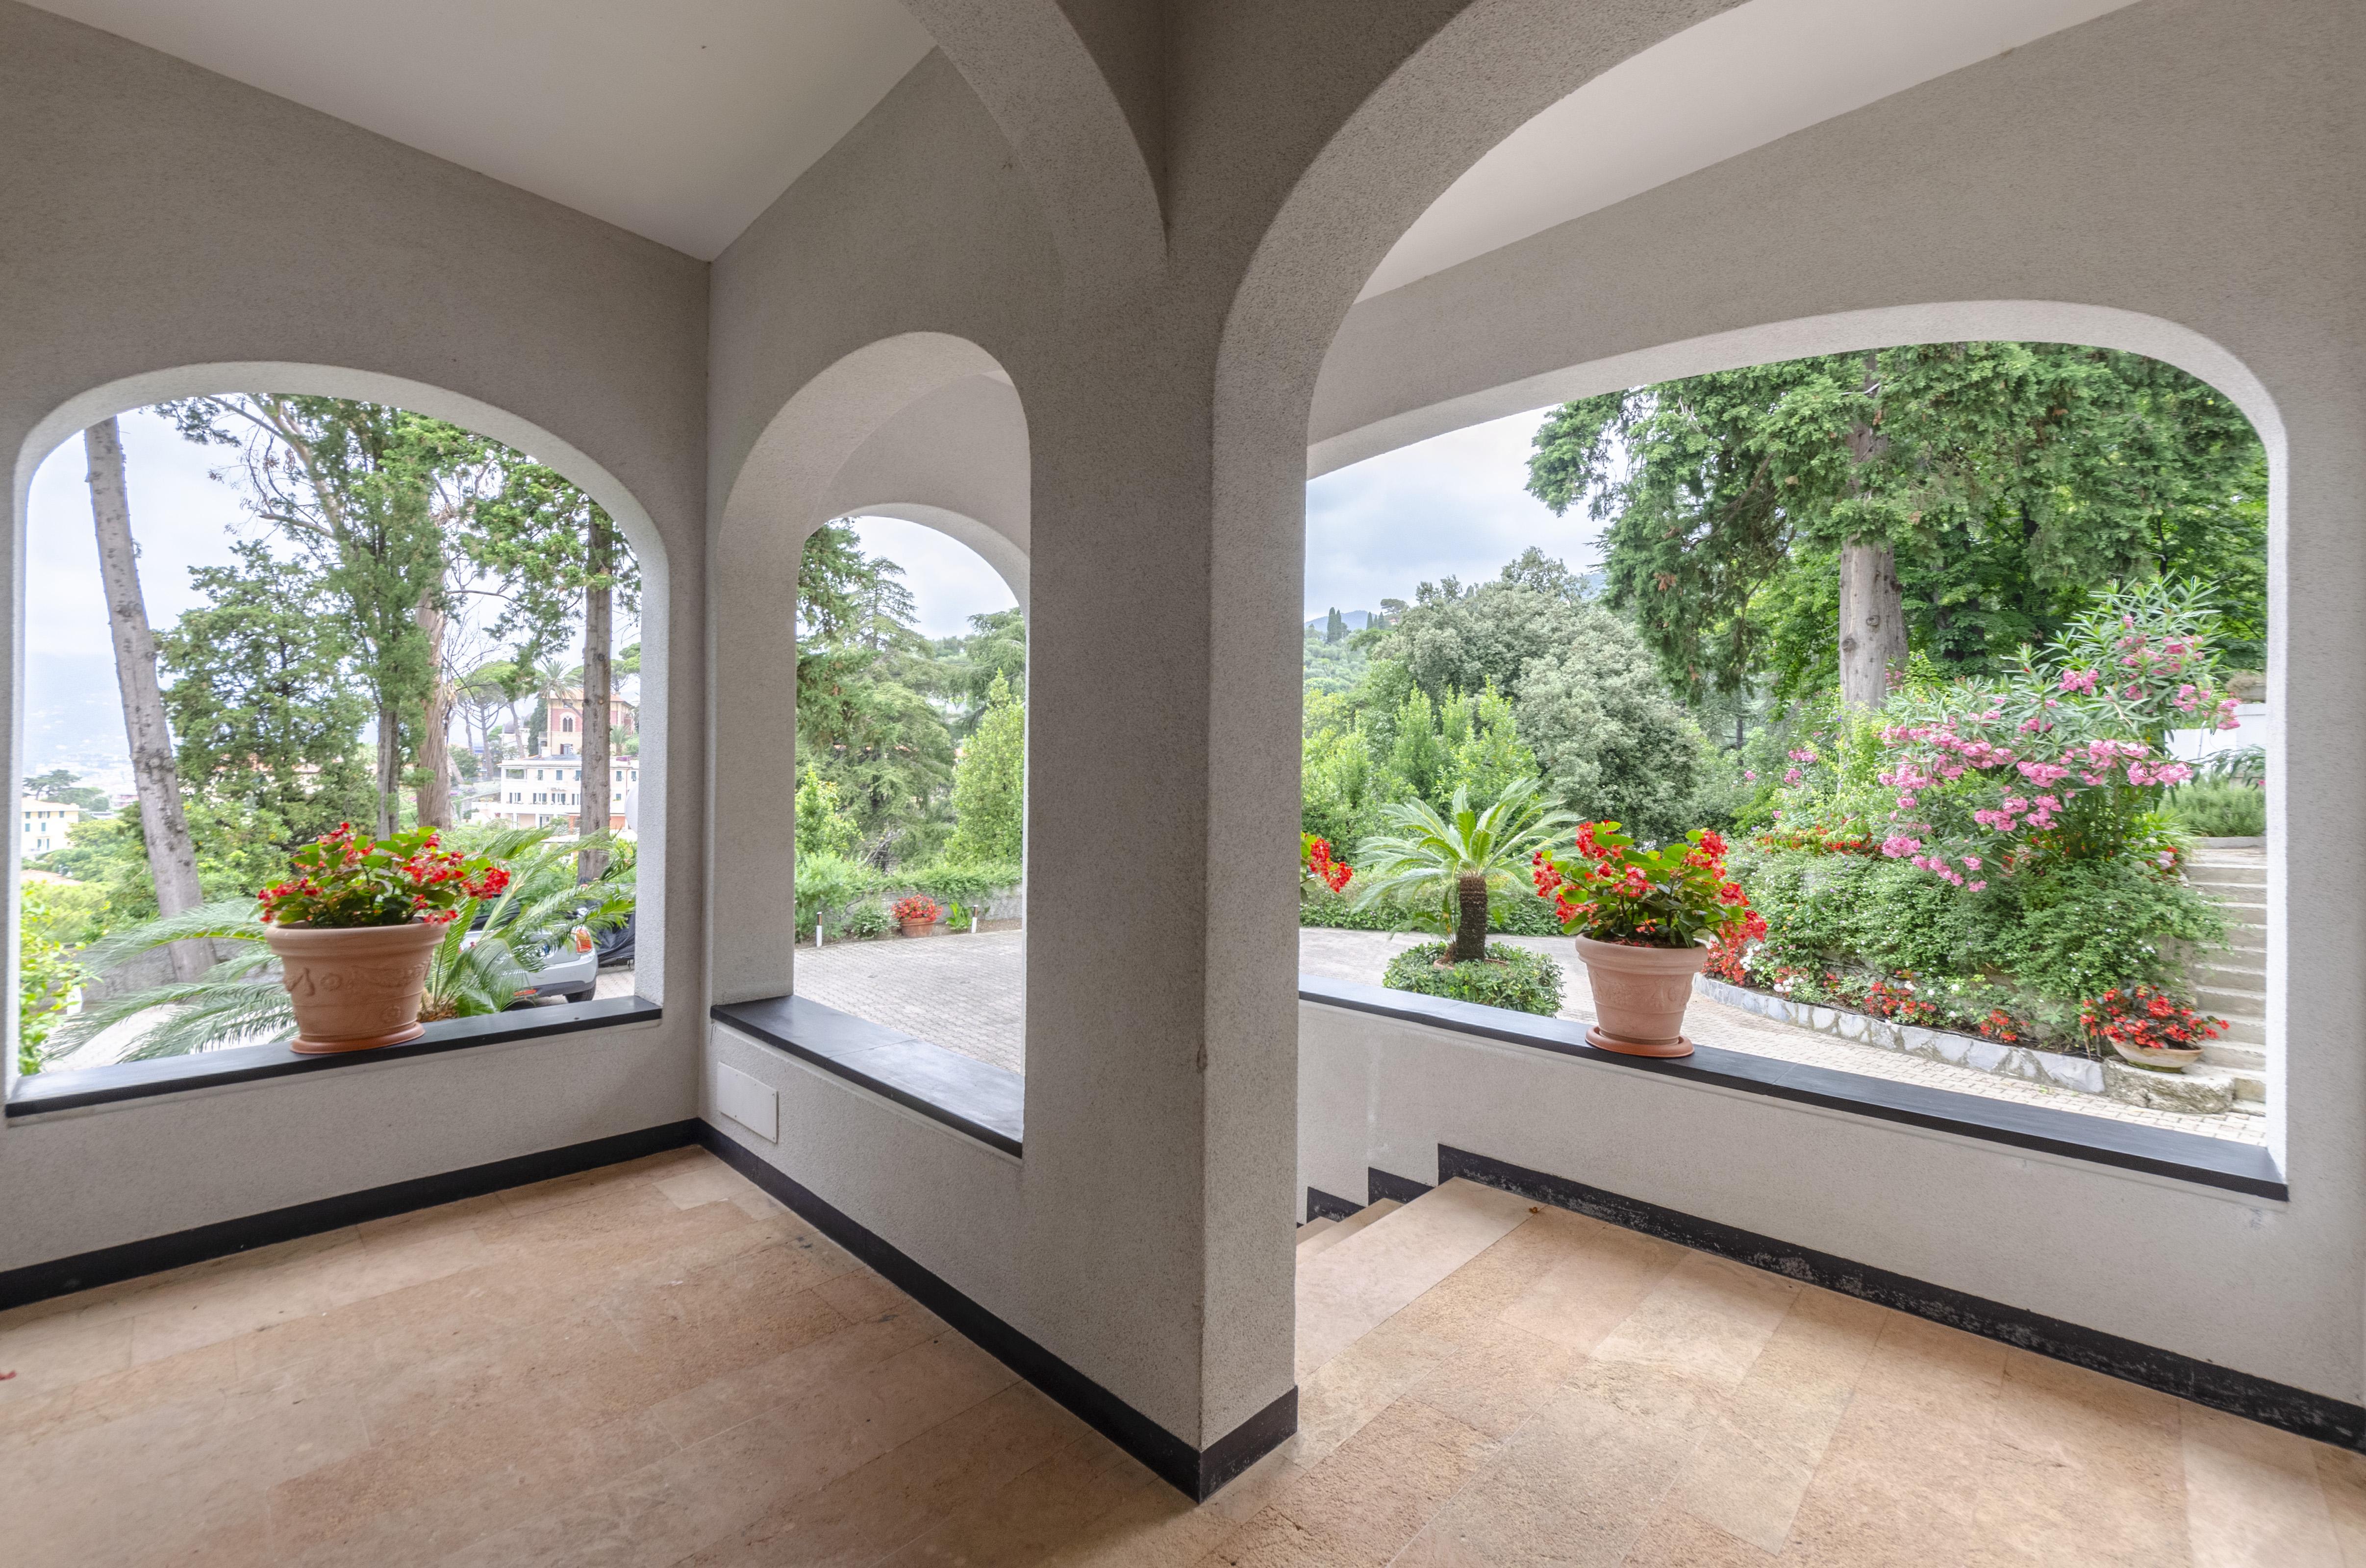 Apartment Hintown Scoglio dei Gabbiani Zoagli photo 19490400